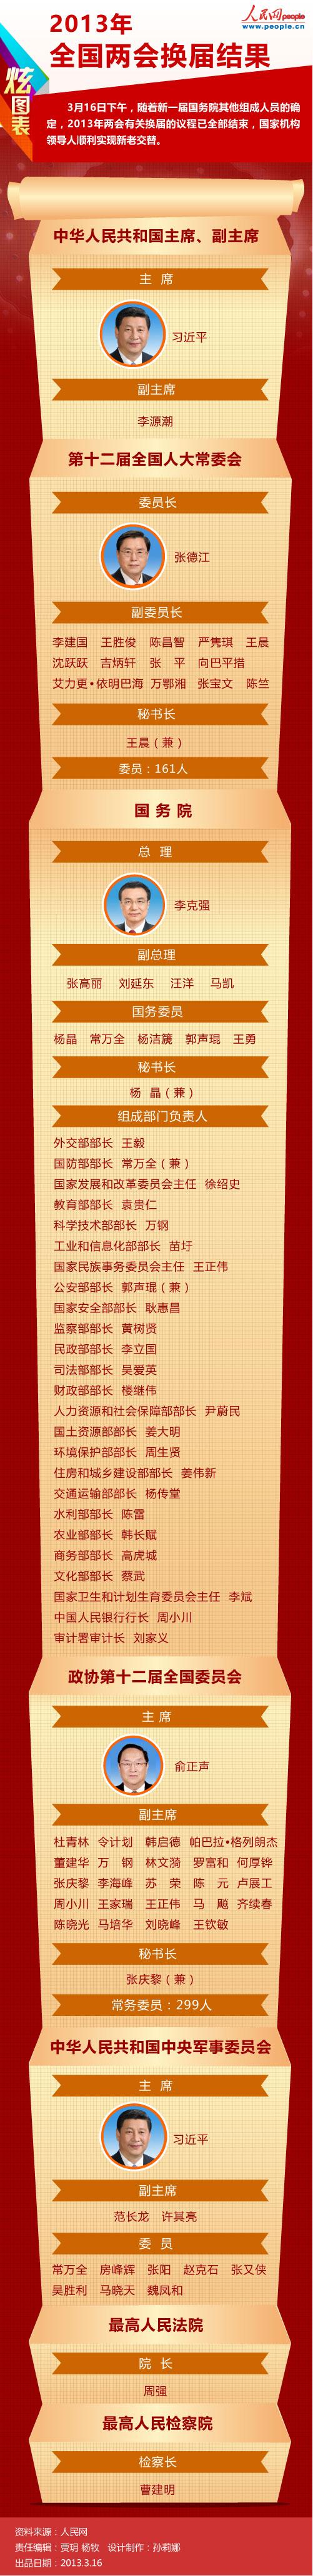 2013年全国两会换届结果 - 江湖如烟 - 江湖独行侠